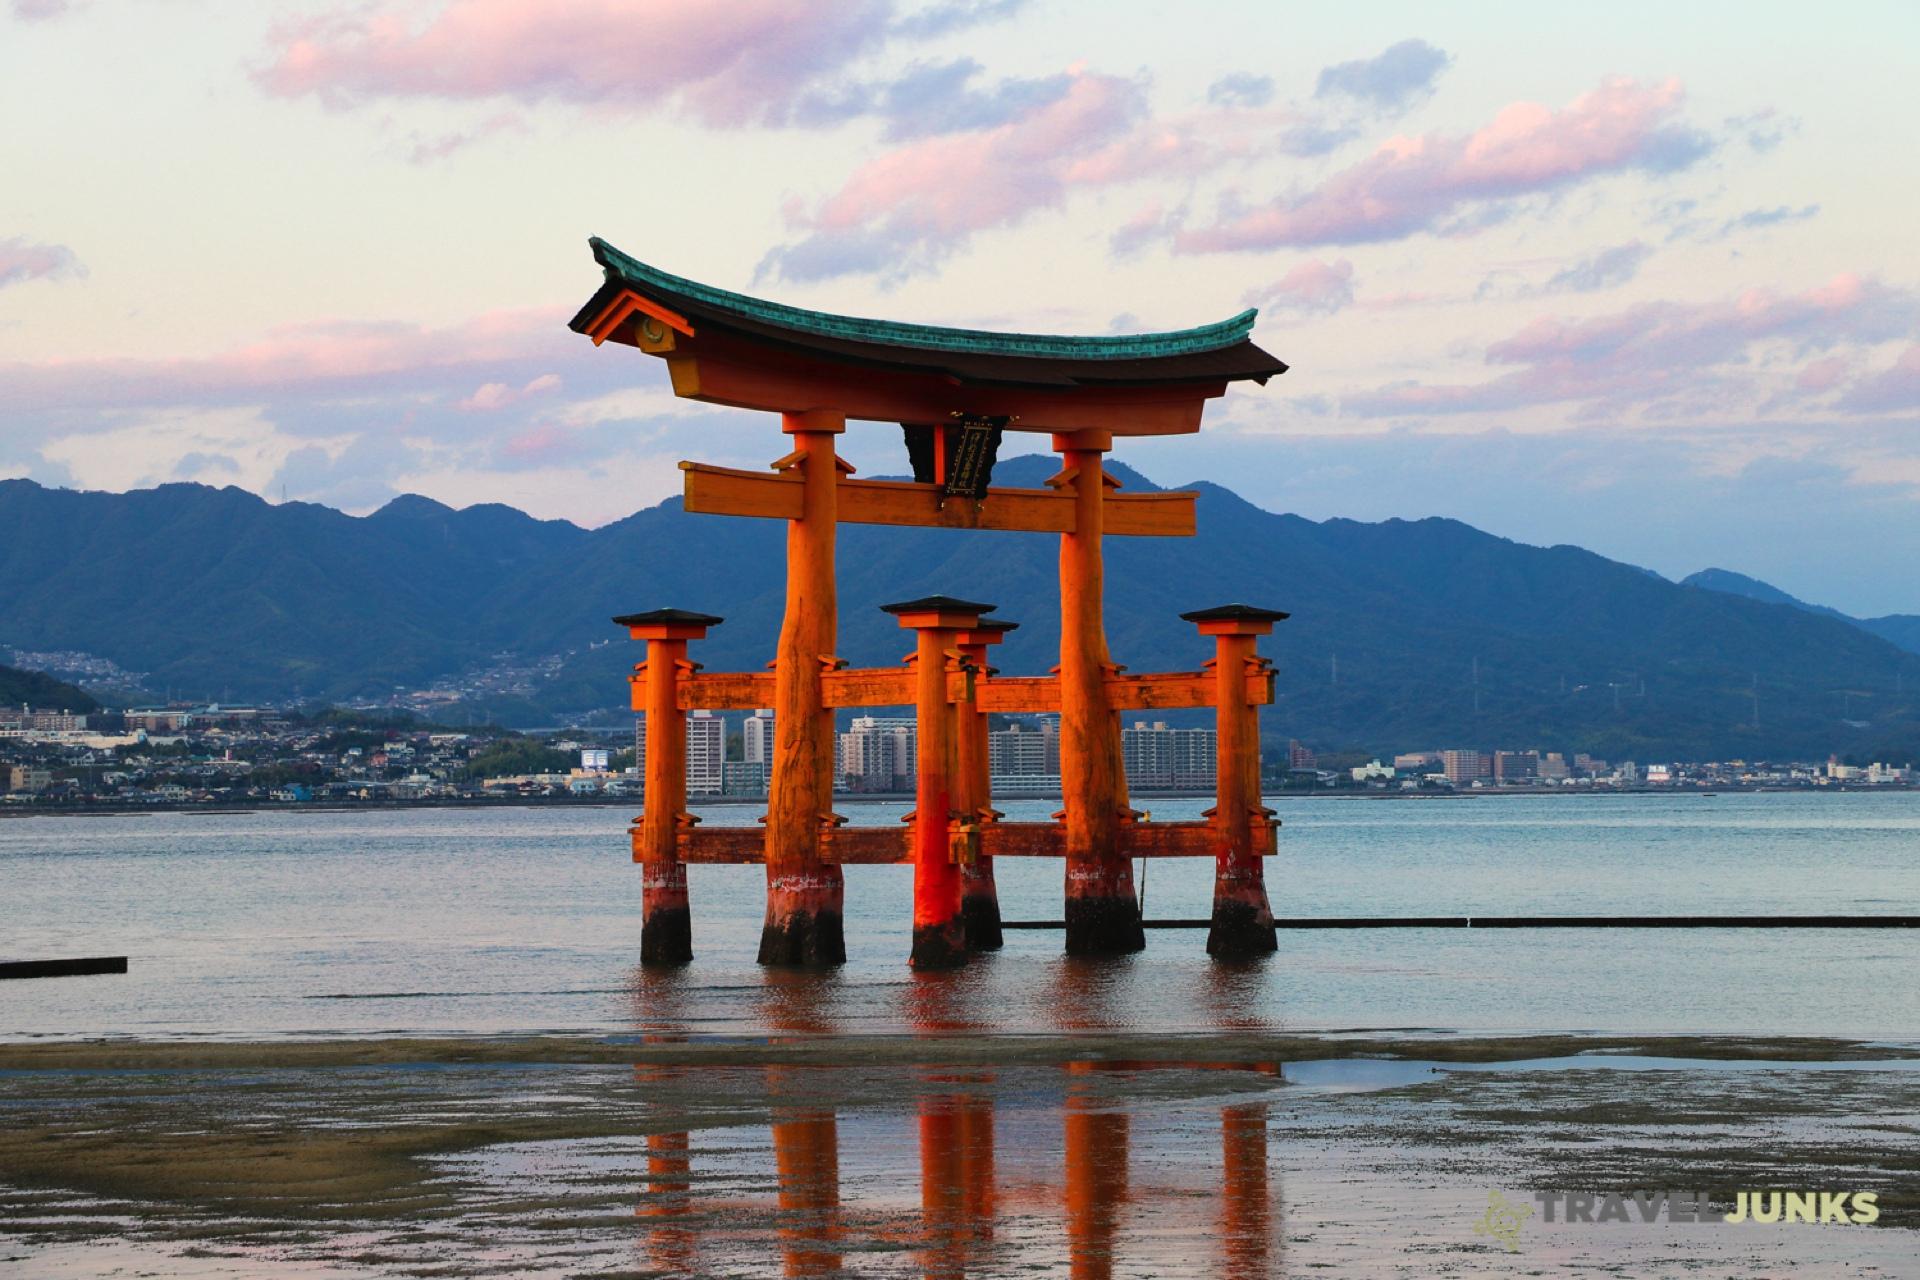 Traveljunks - Miyajima